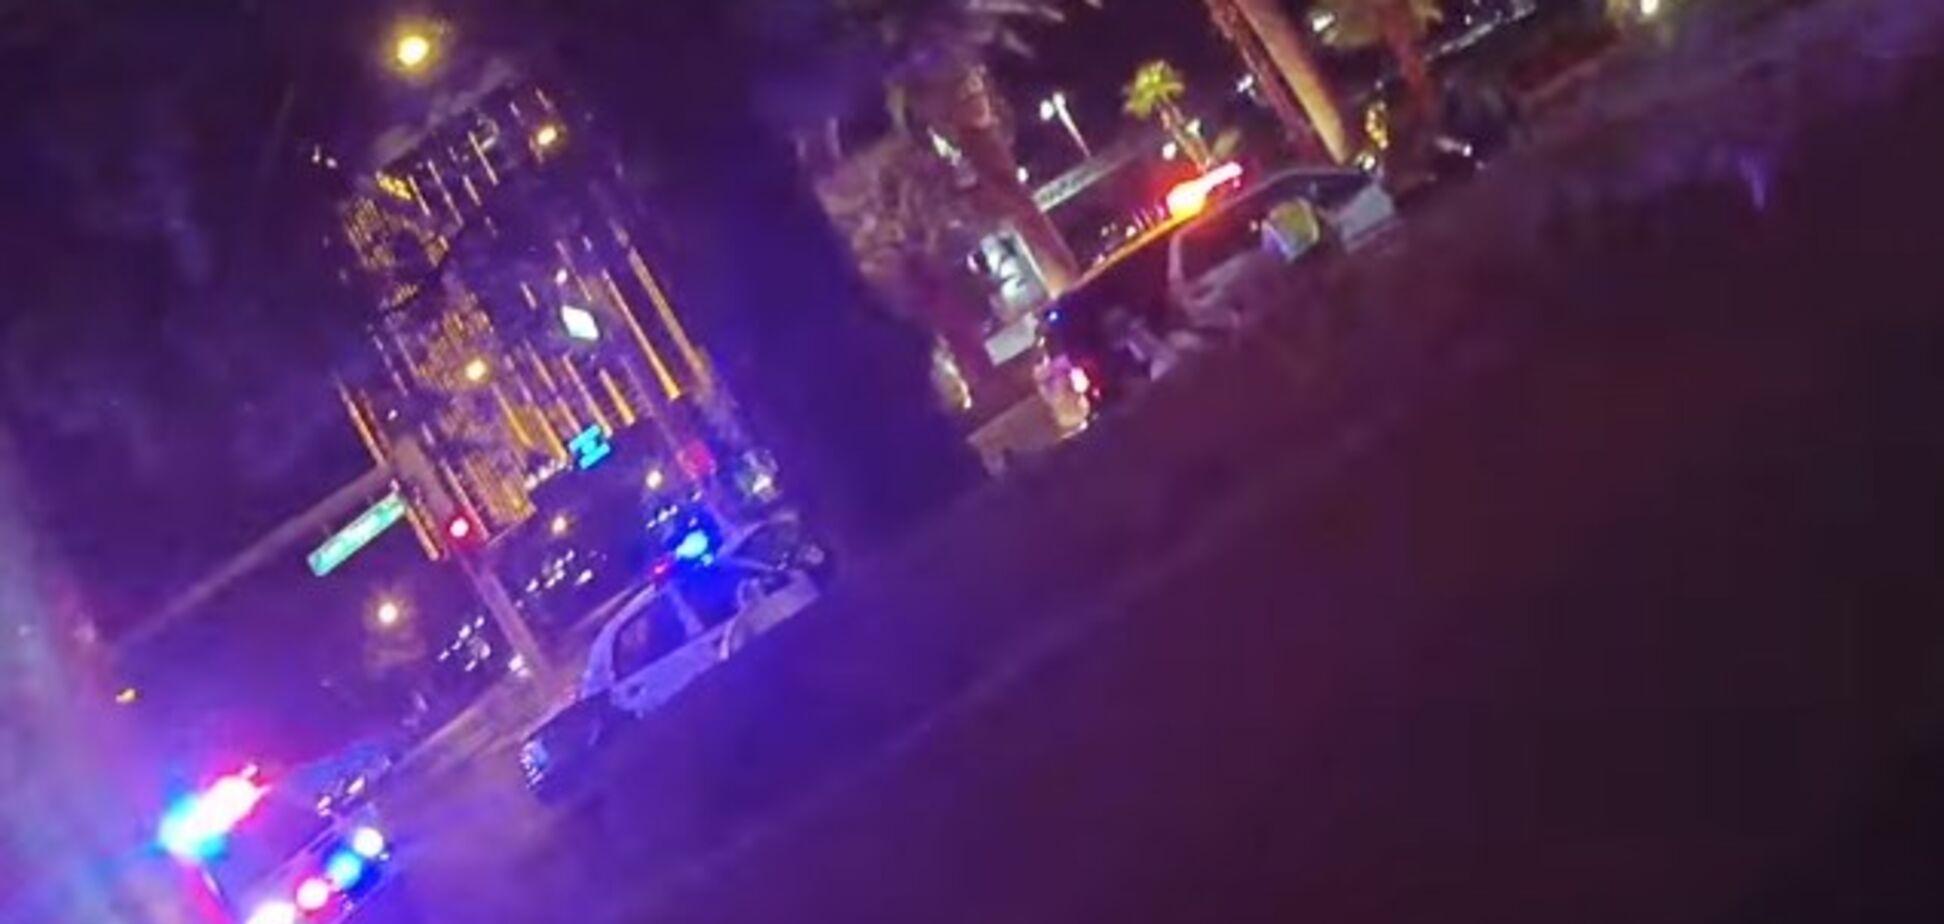 Паніка і крики: поліція опублікувала відео розстрілу в Лас-Вегасі